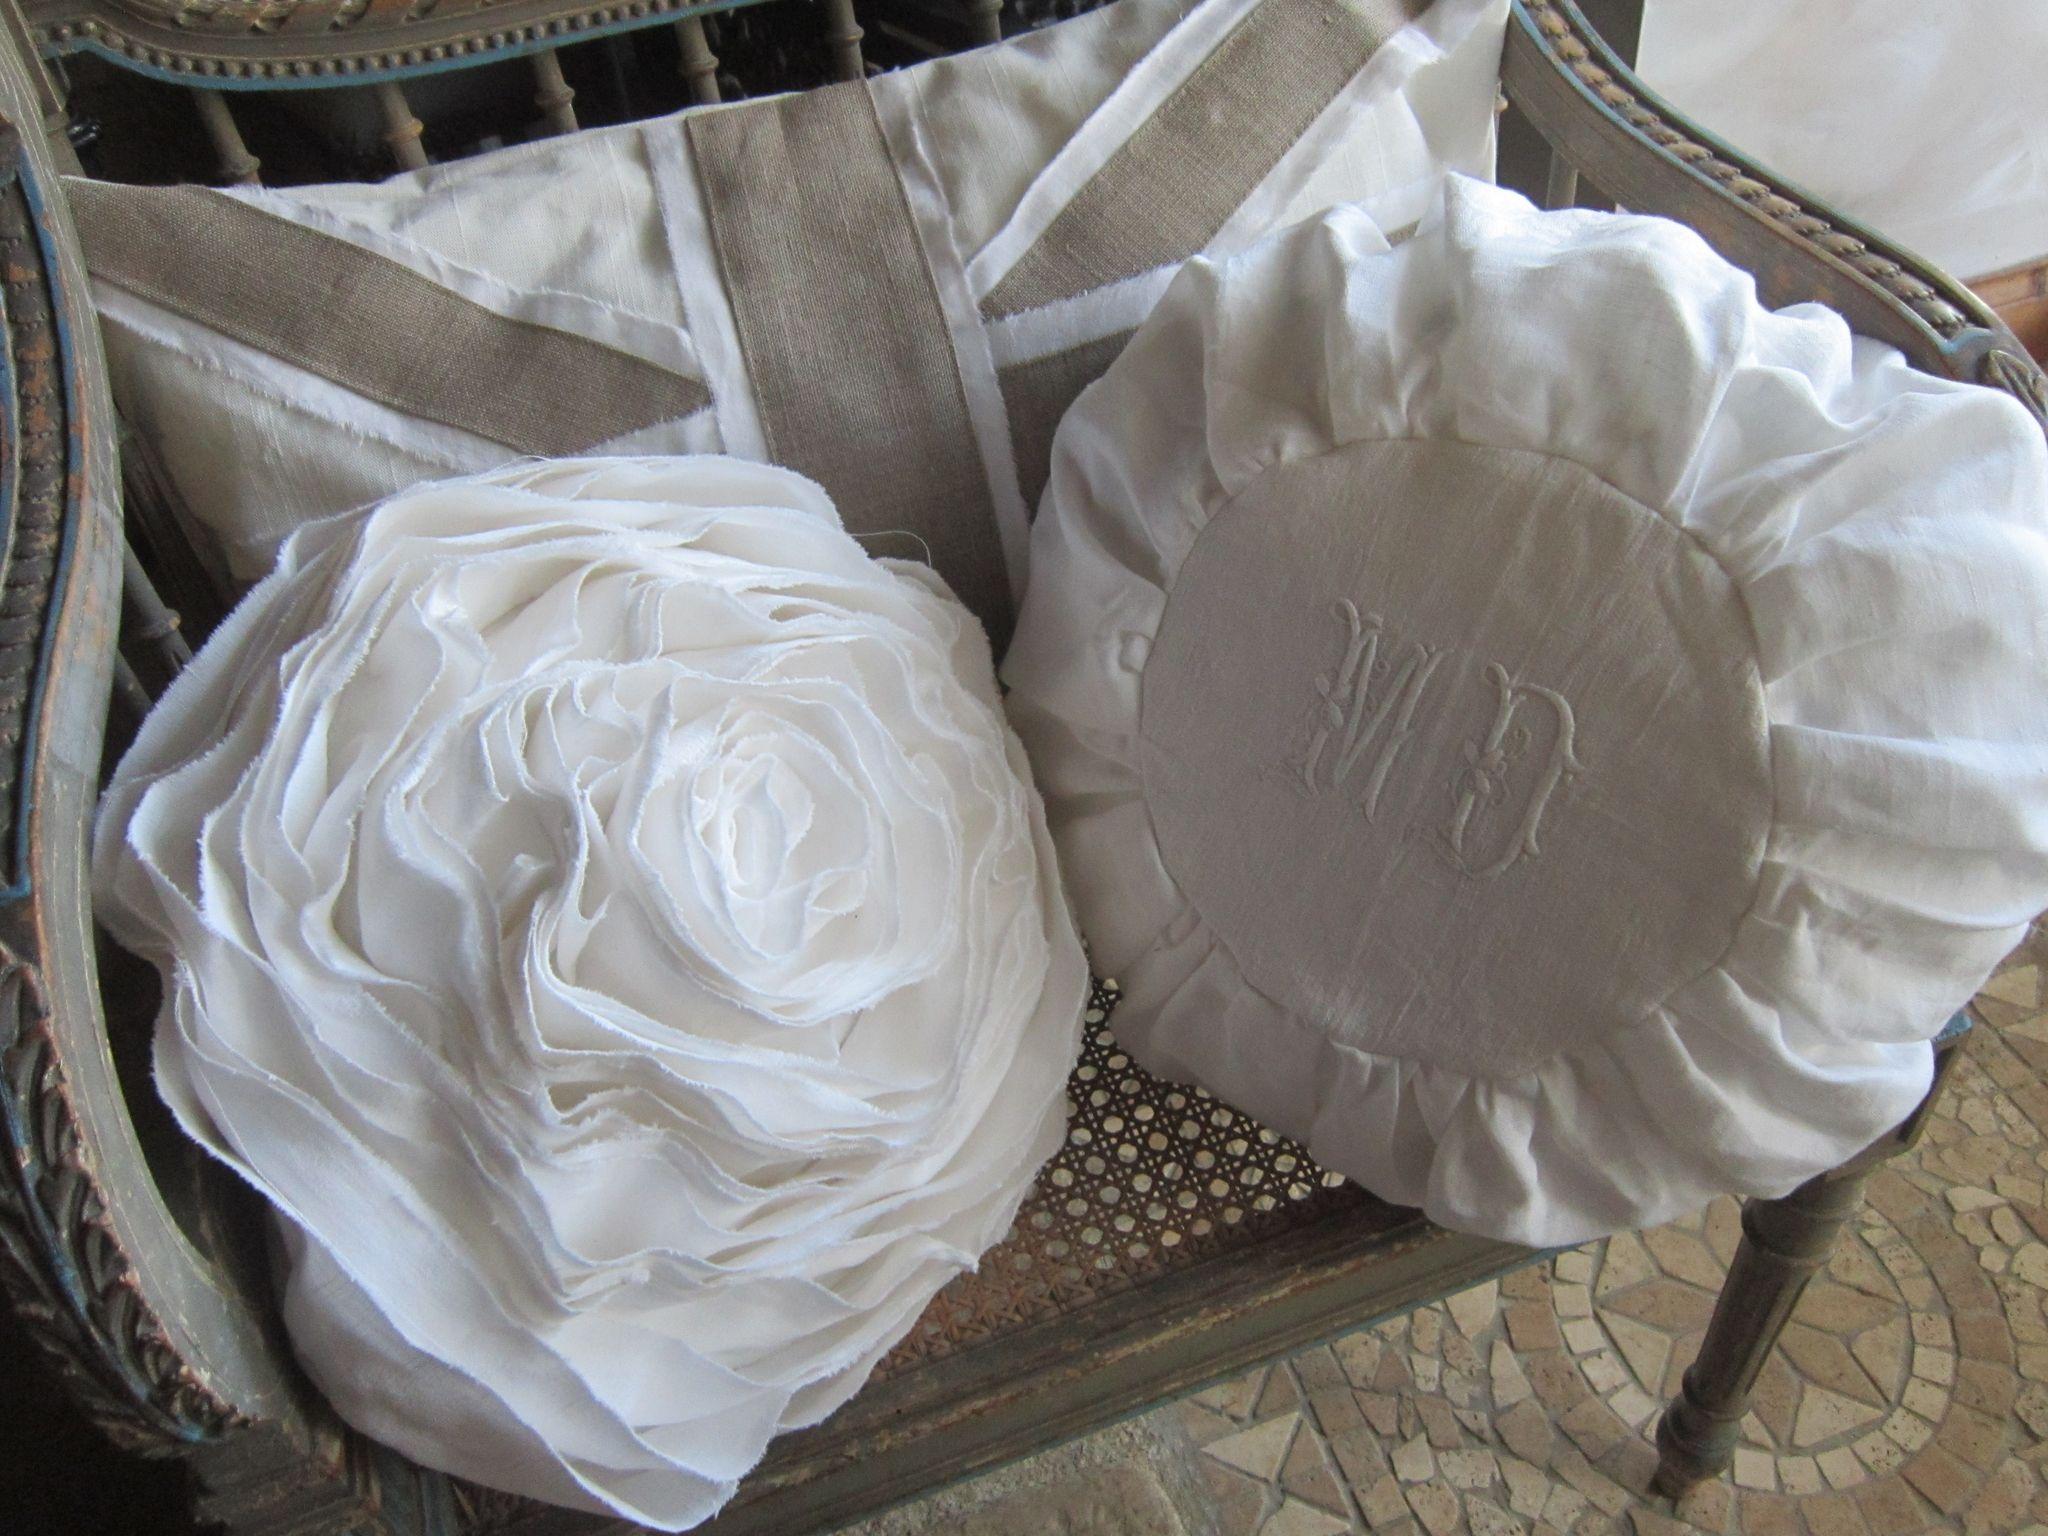 coussin fleur en drap ancien coussin rond base de. Black Bedroom Furniture Sets. Home Design Ideas